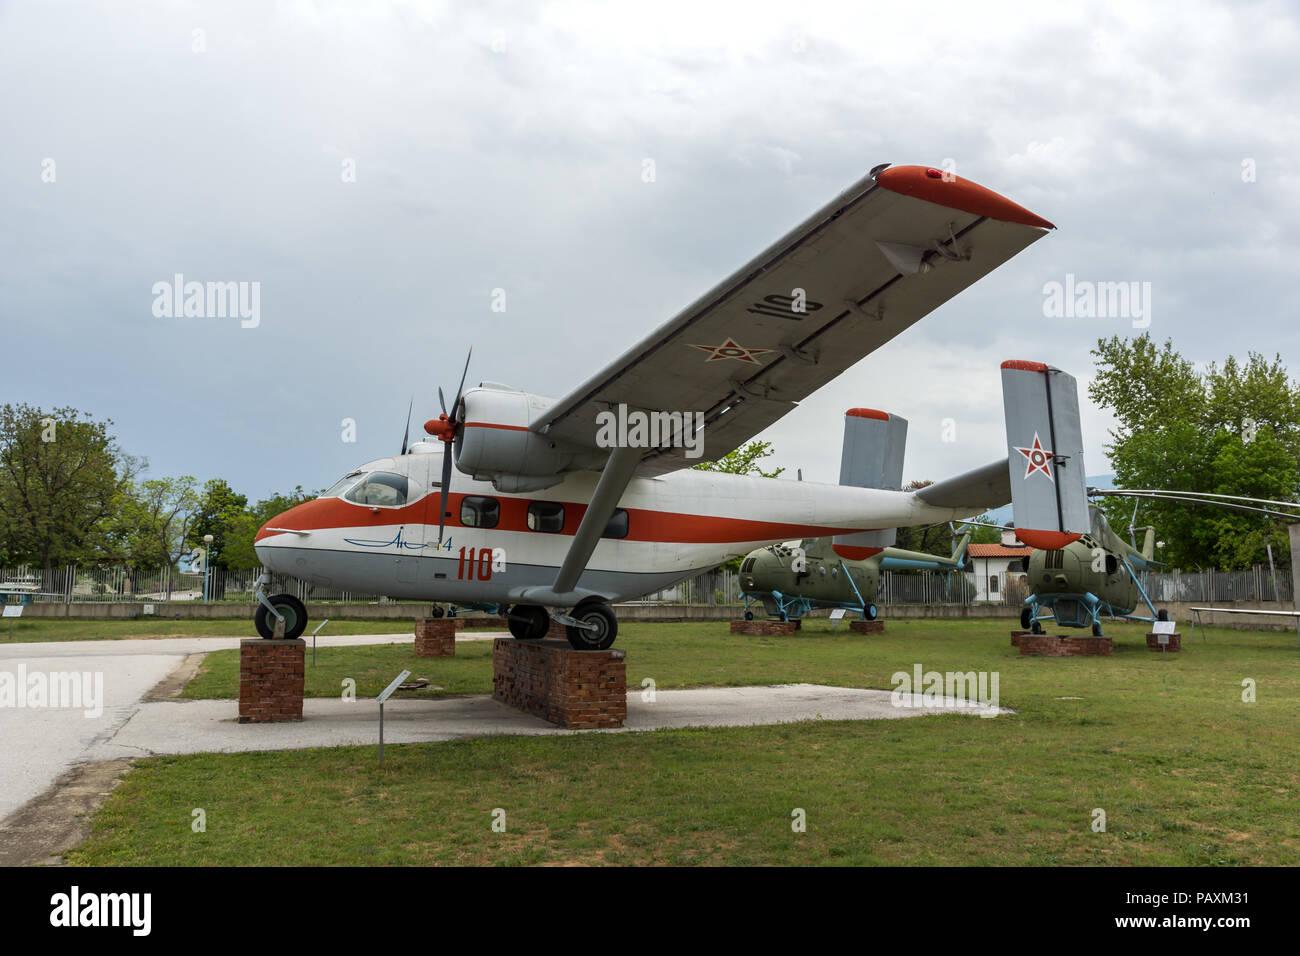 KRUMOVO, Plovdiv, Bulgarien - 29 April 2017: Aviation Museum in der Nähe von Flughafen Plowdiw, Bulgarien Stockfoto